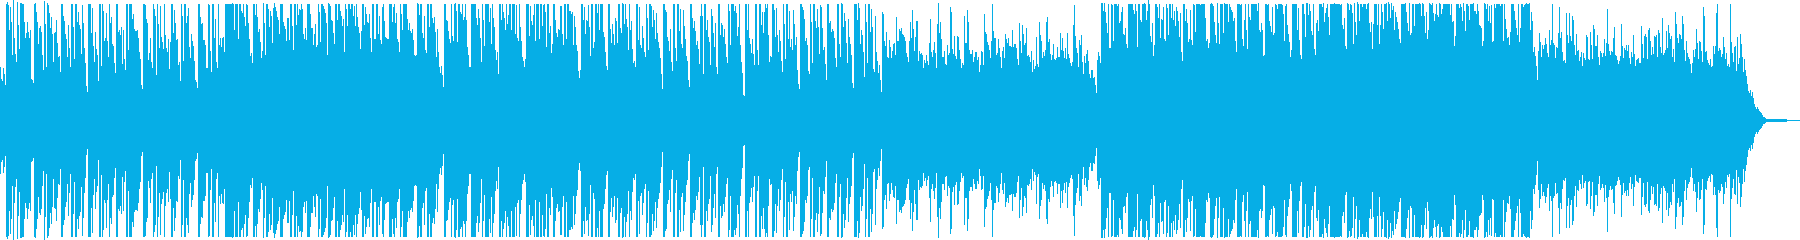 まったりとした和風、日本風のBGMの再生済みの波形